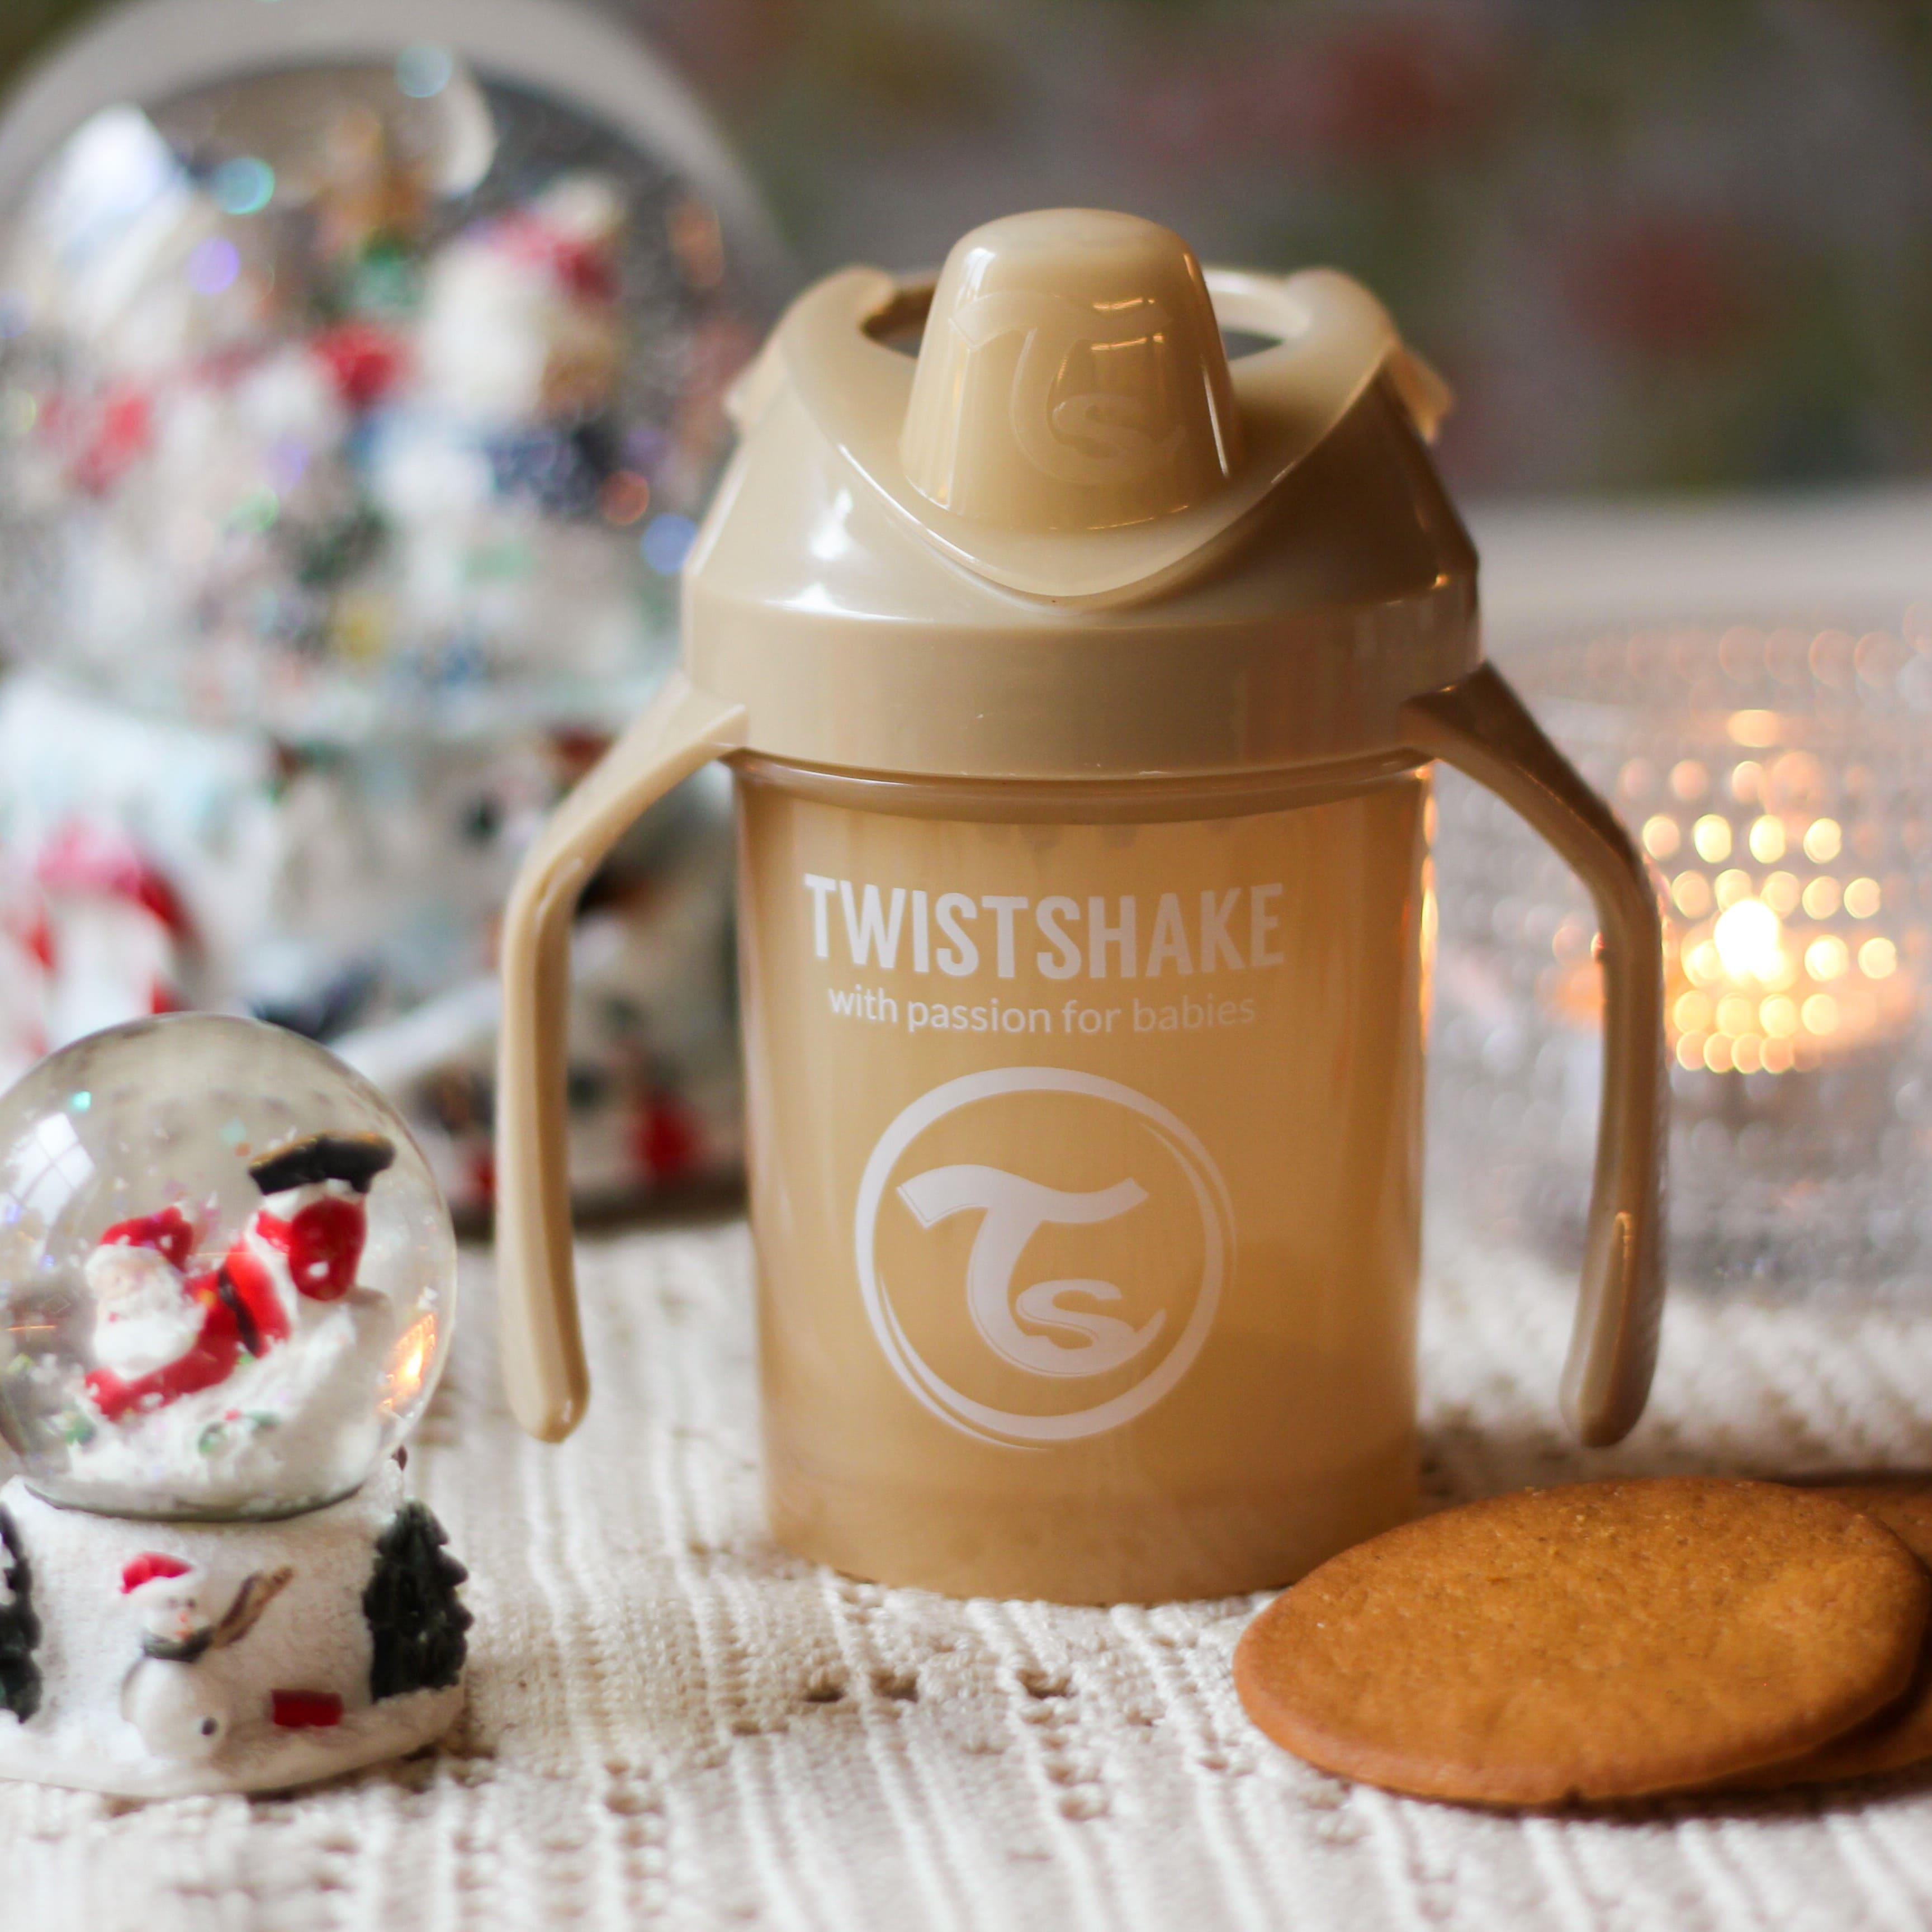 Mini Cup Colección Pastel Twistshake Navidad